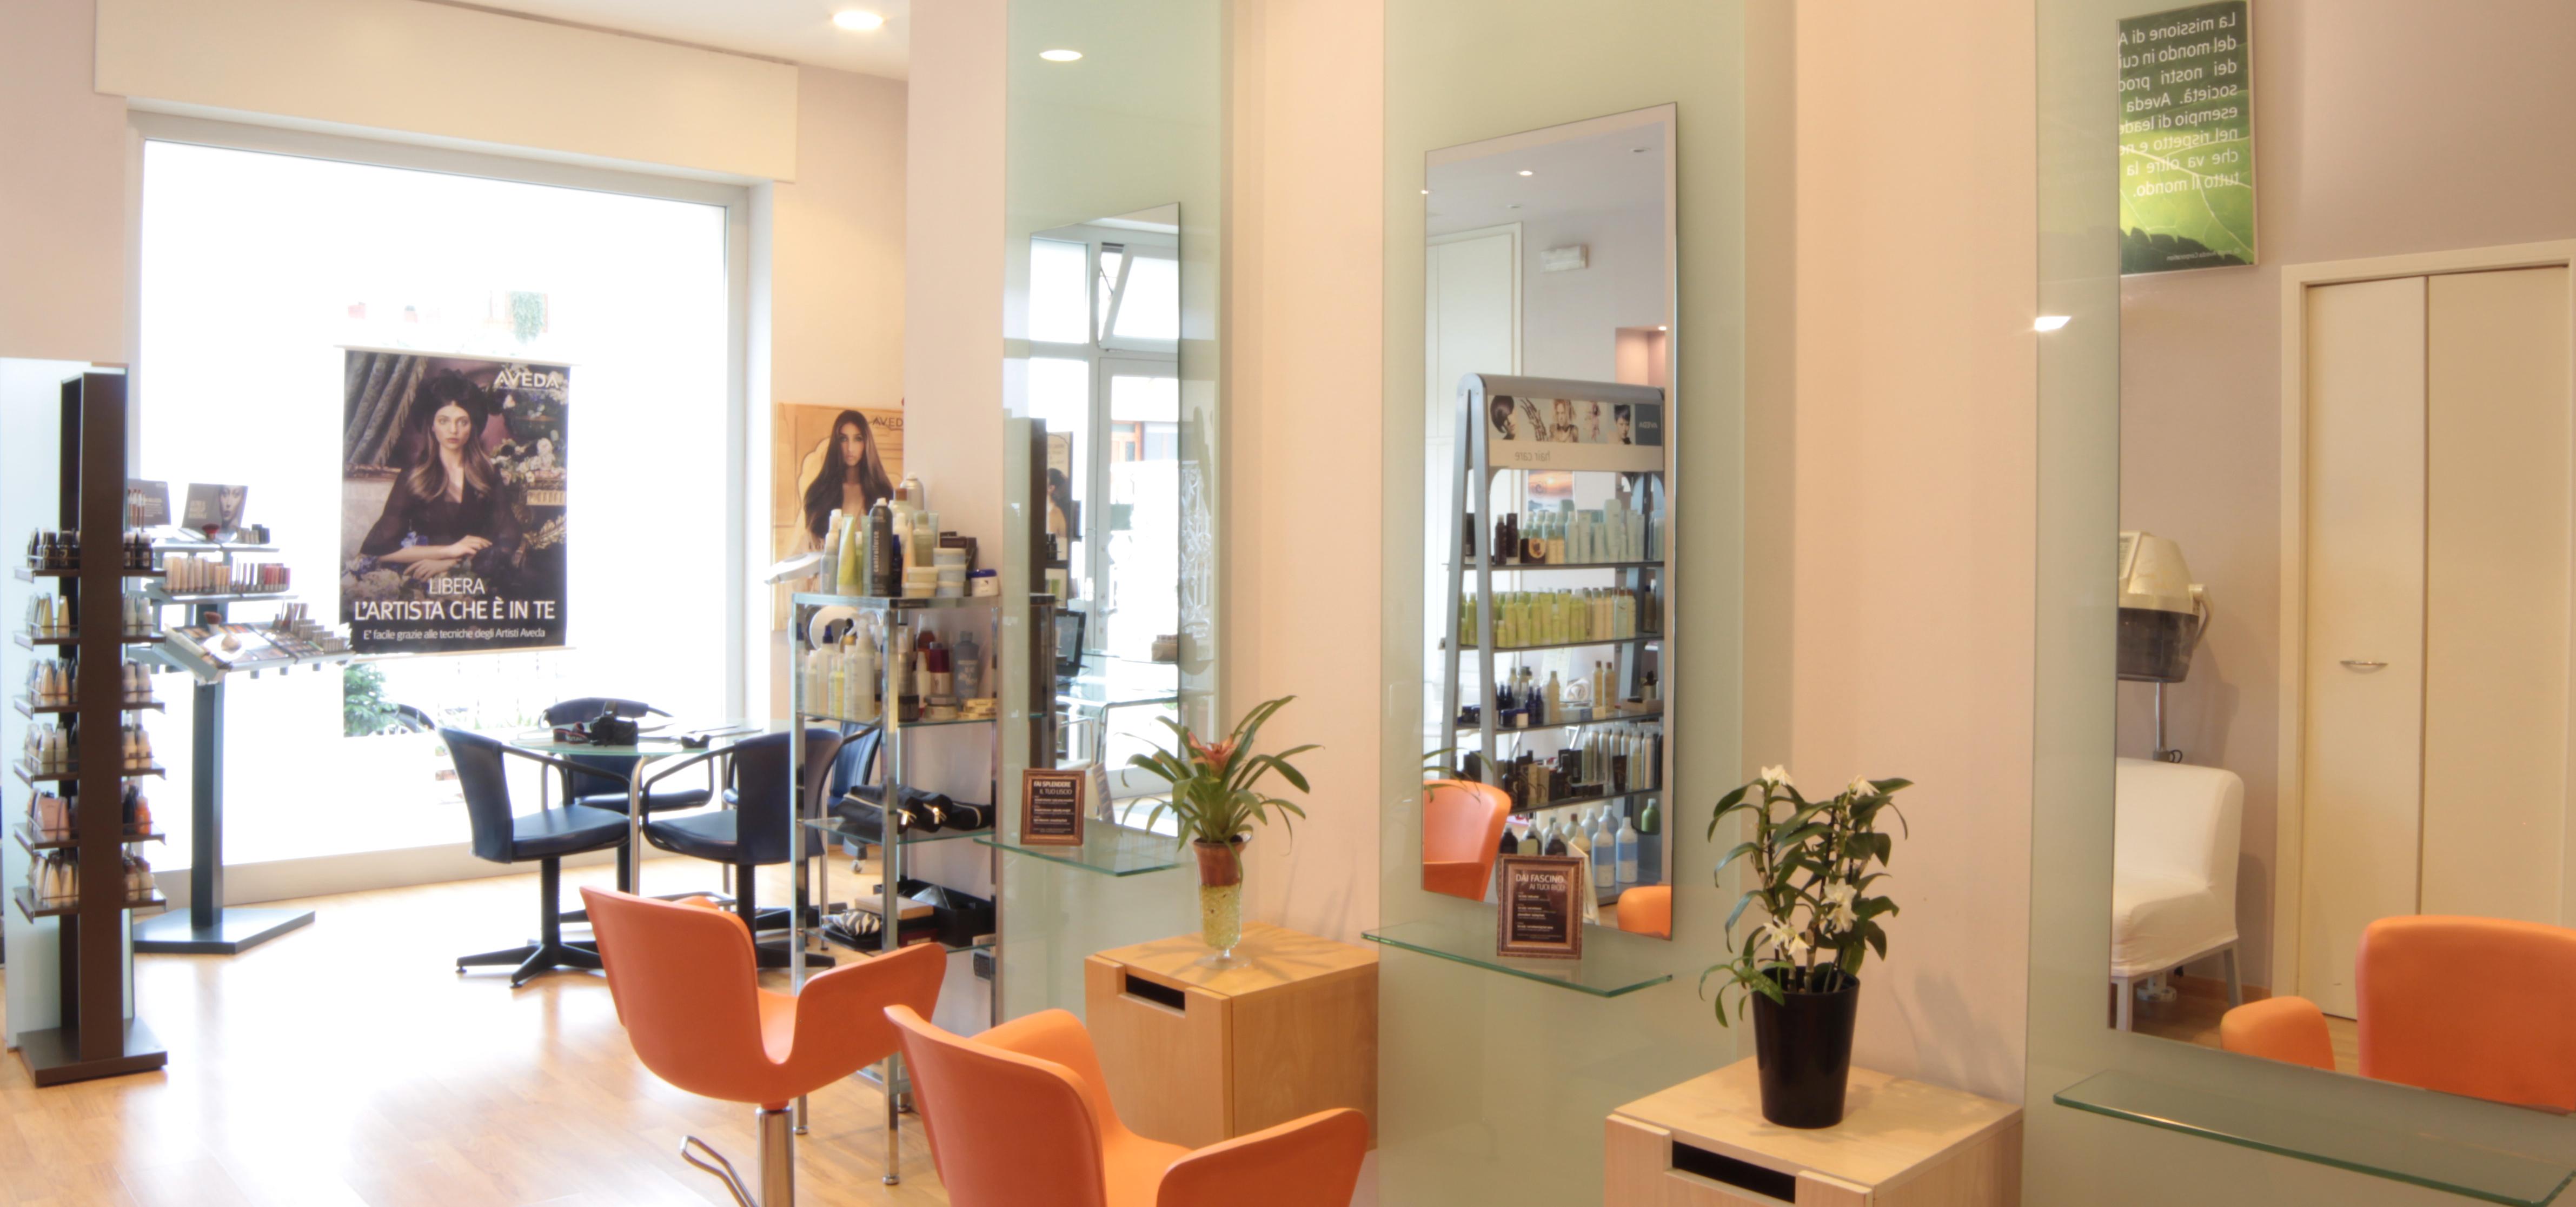 Dainami concept salon aveda salone parrucchiere a san for Acqua aveda salon